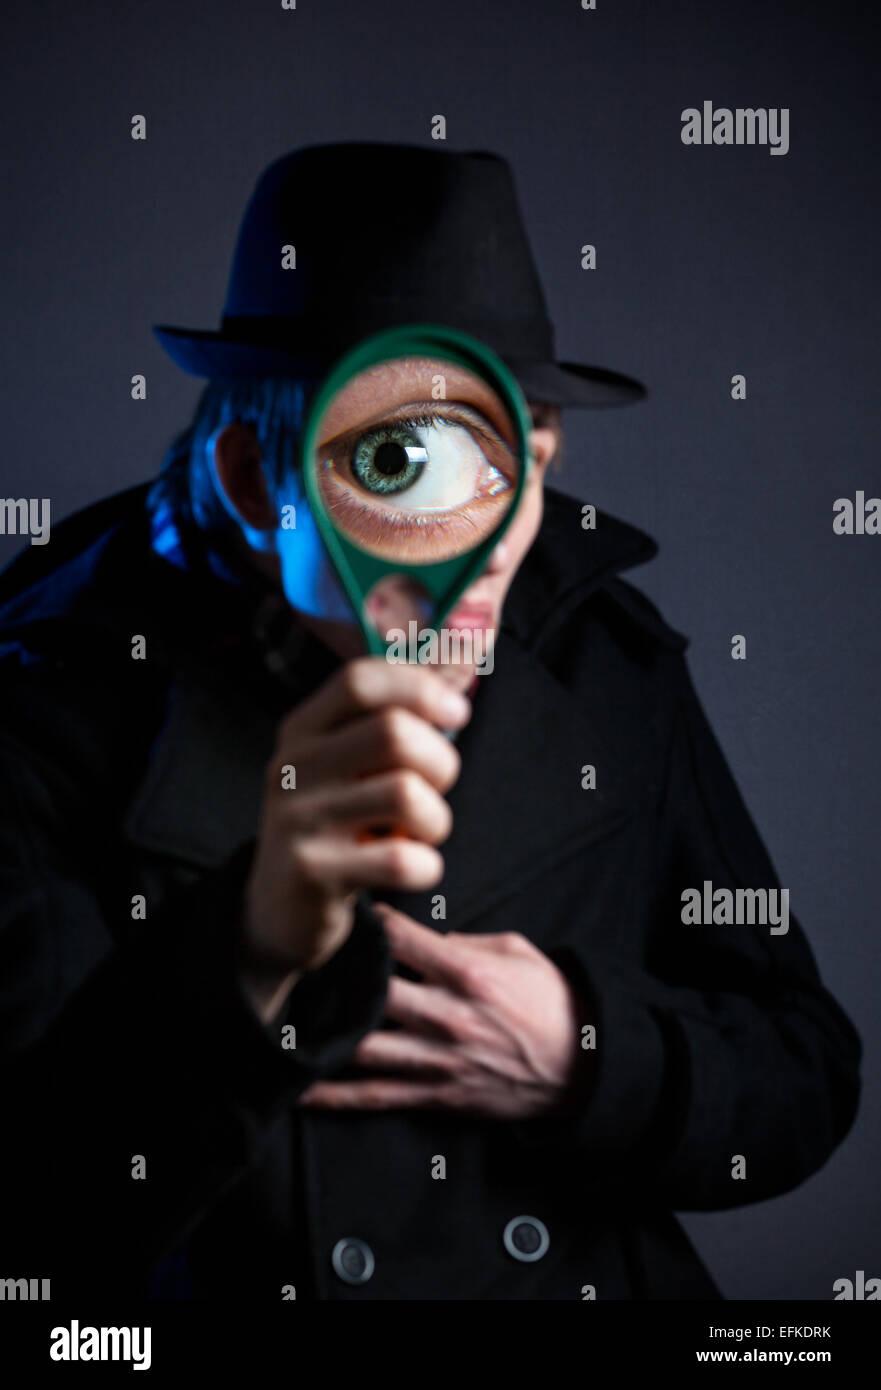 Man in black hat avec loupe en à l'arrière-plan noir Photo Stock